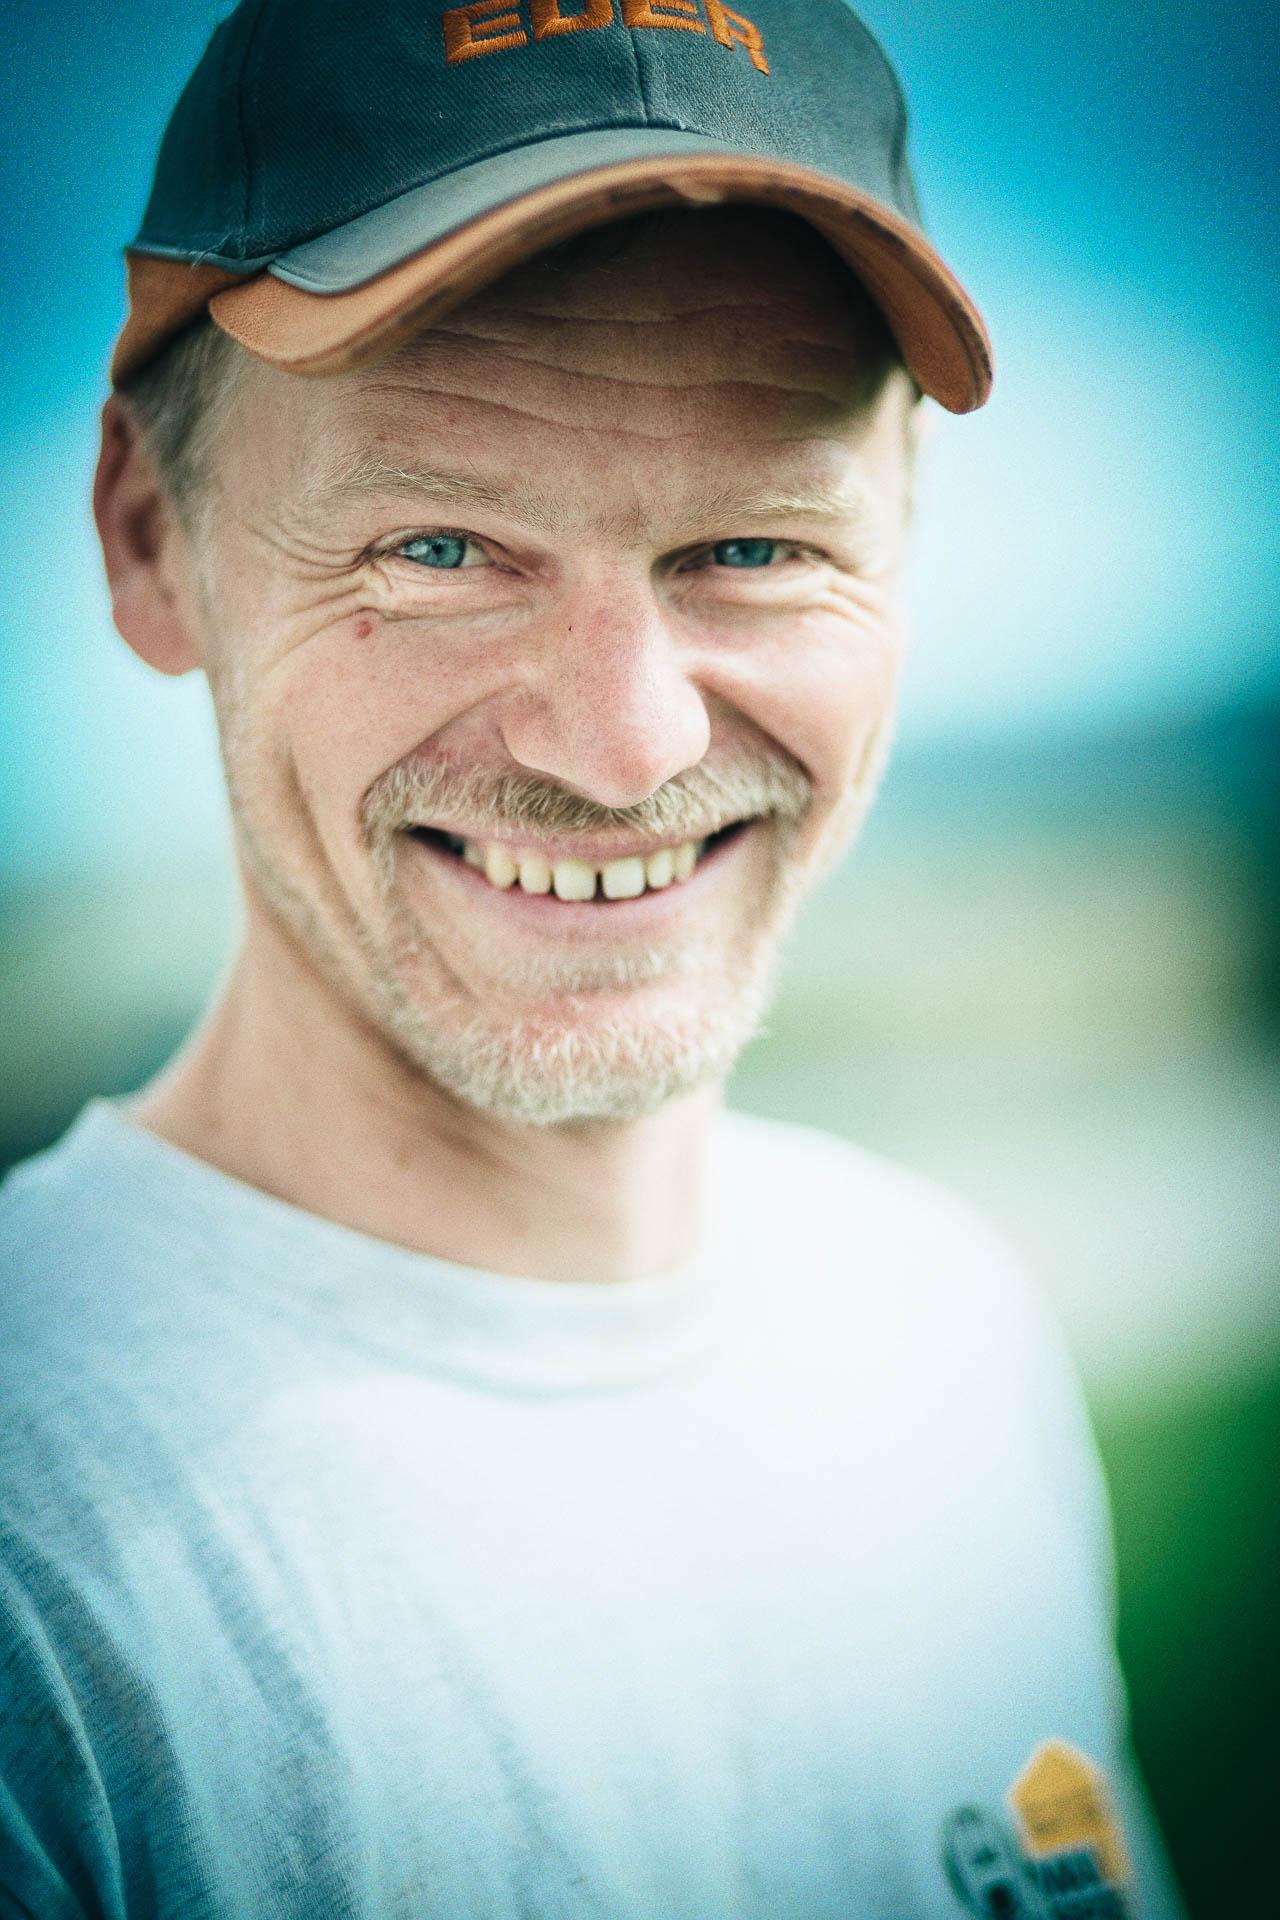 Markus Schneeberger Businessfotografie - 2013 05 16 08 44 24 2 DxO - Businessportrait